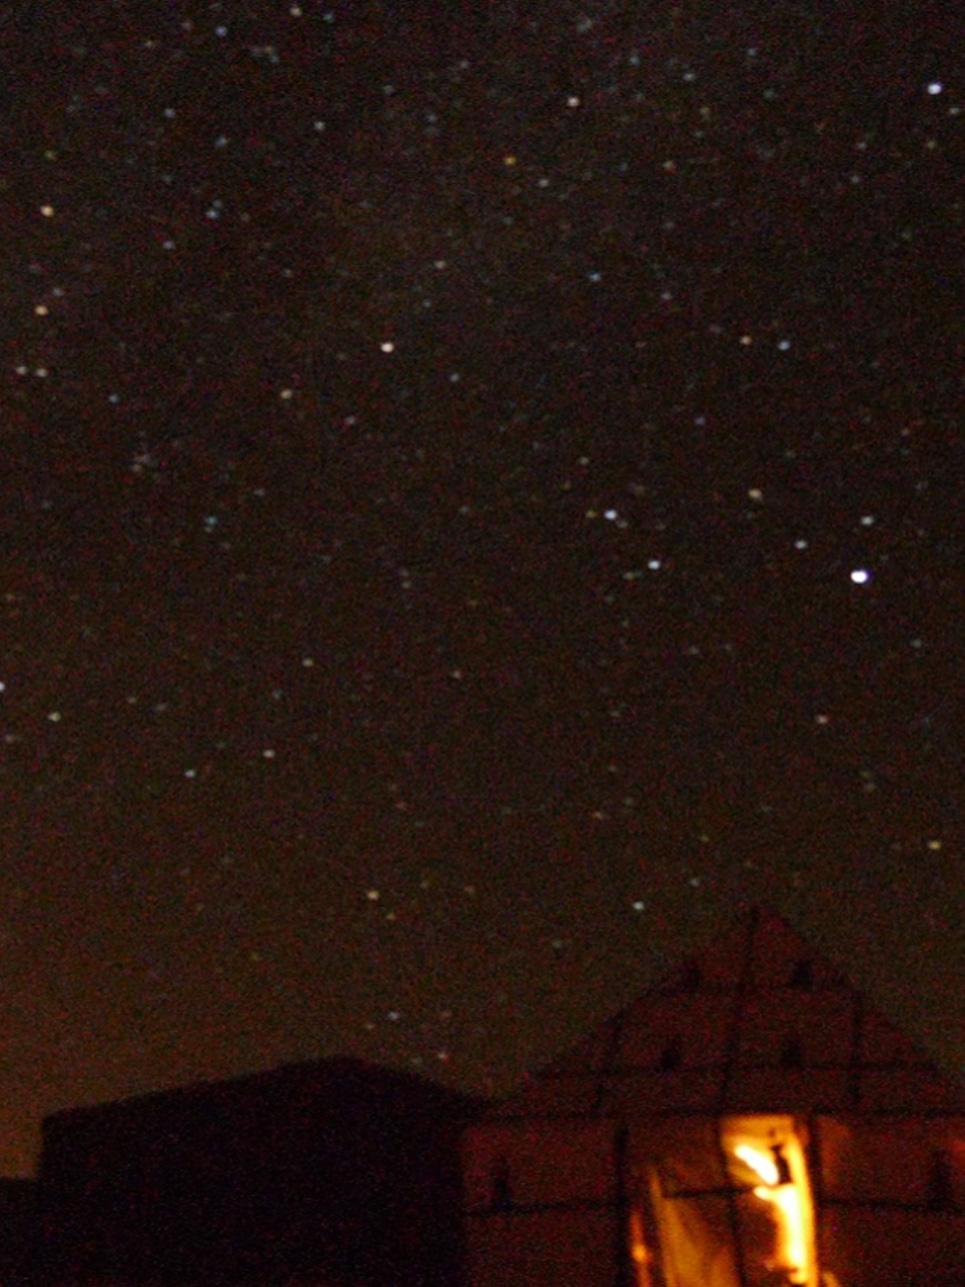 Erkenntnis des Tages: Willst du die Milchstraße und einen unglaublichen Sternenhimmel sehen, übernachte in der Wüste!